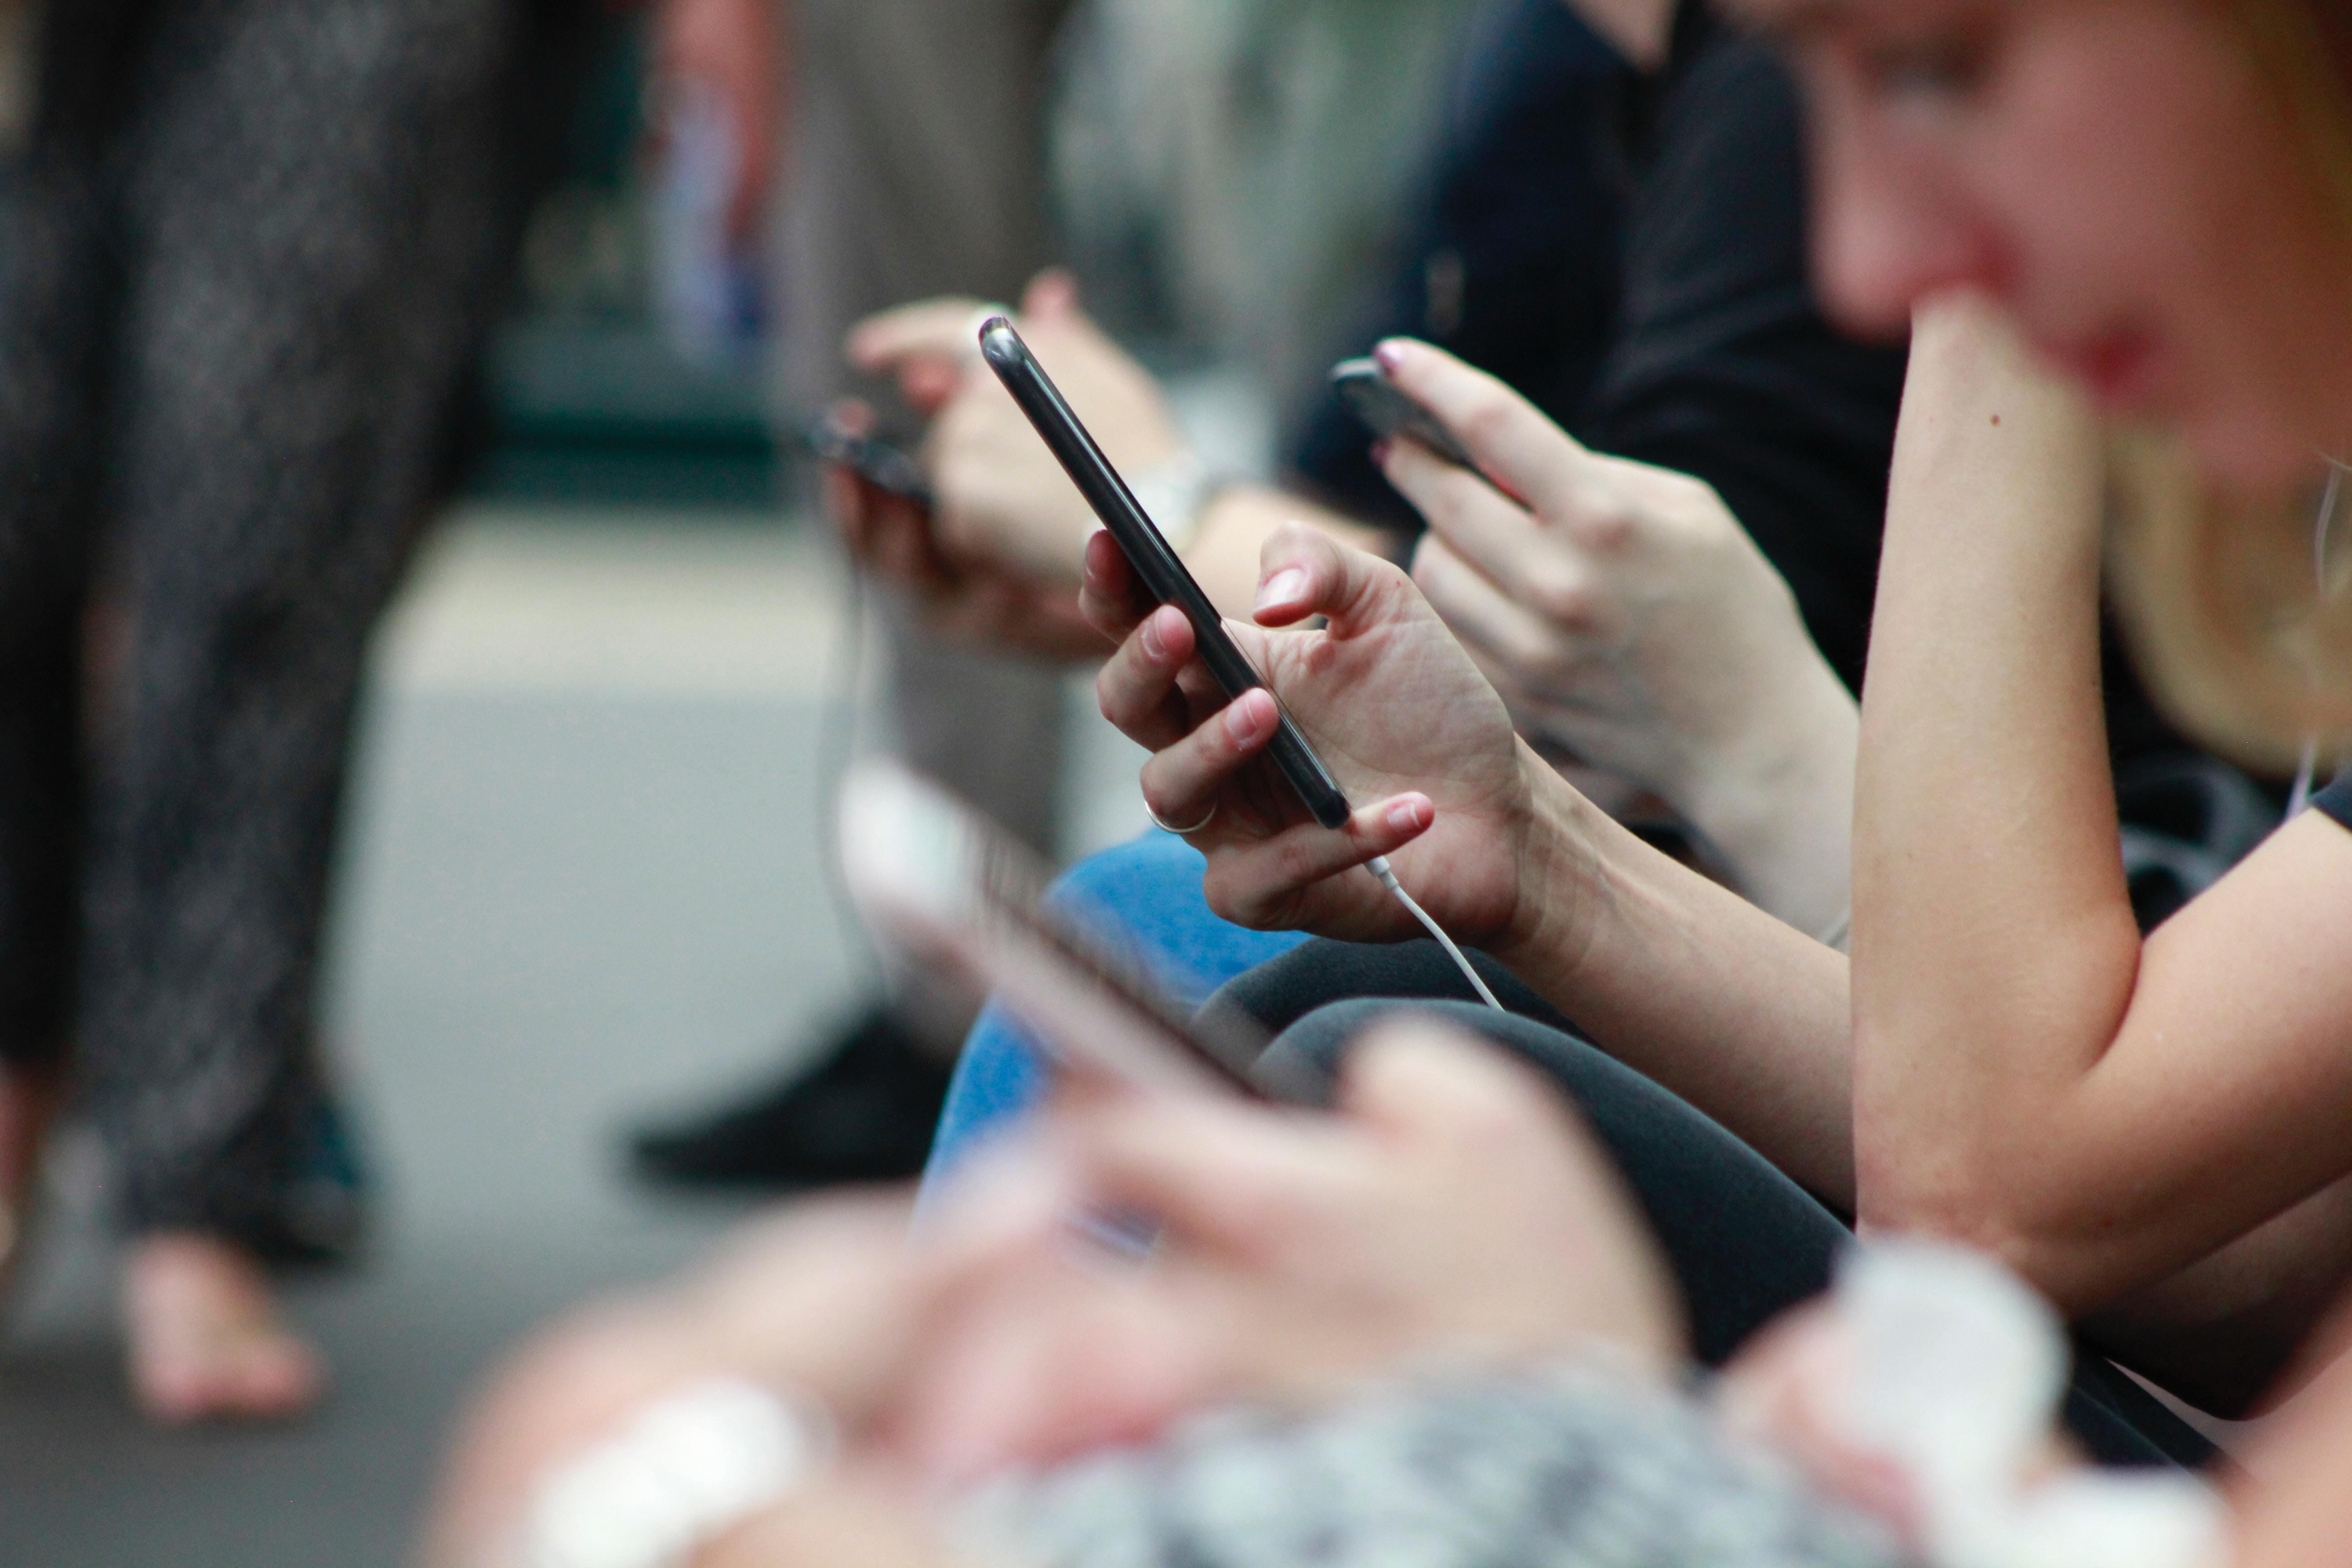 Čas, posvečen partnerjema, ne bi smel biti čas, posvečen telefonu.